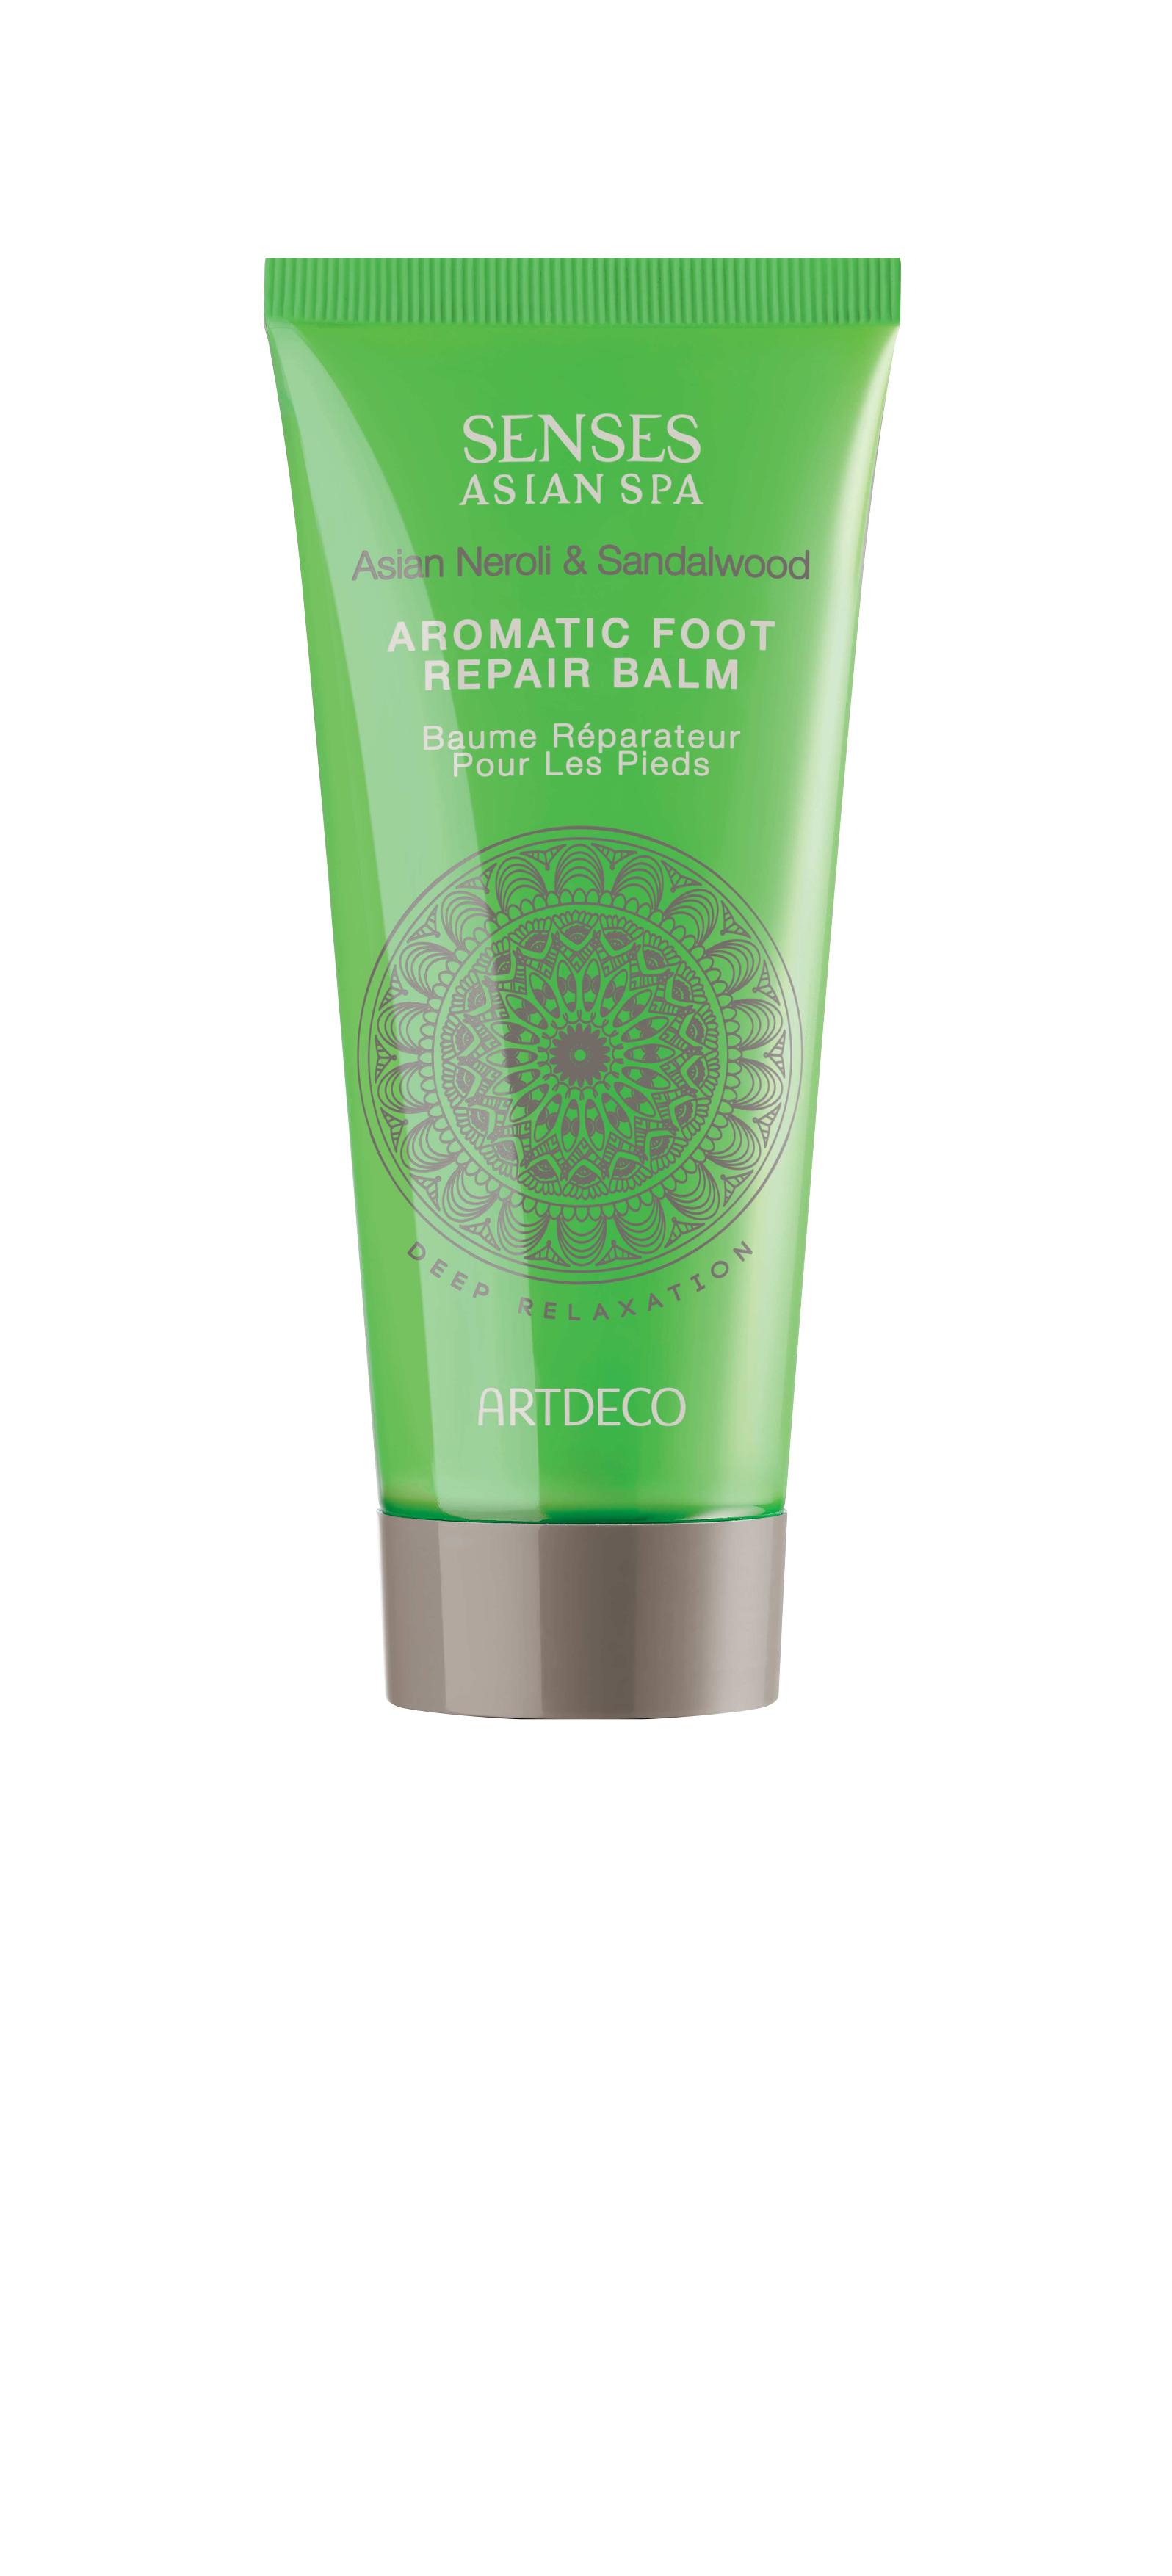 Artdeco бальзам для ног восстанавливающий Aromatic foot repair balm, deep relaxation, 100 мл65231Интенсивно увлажняет и питает кожу Обладает освежающим эффектом